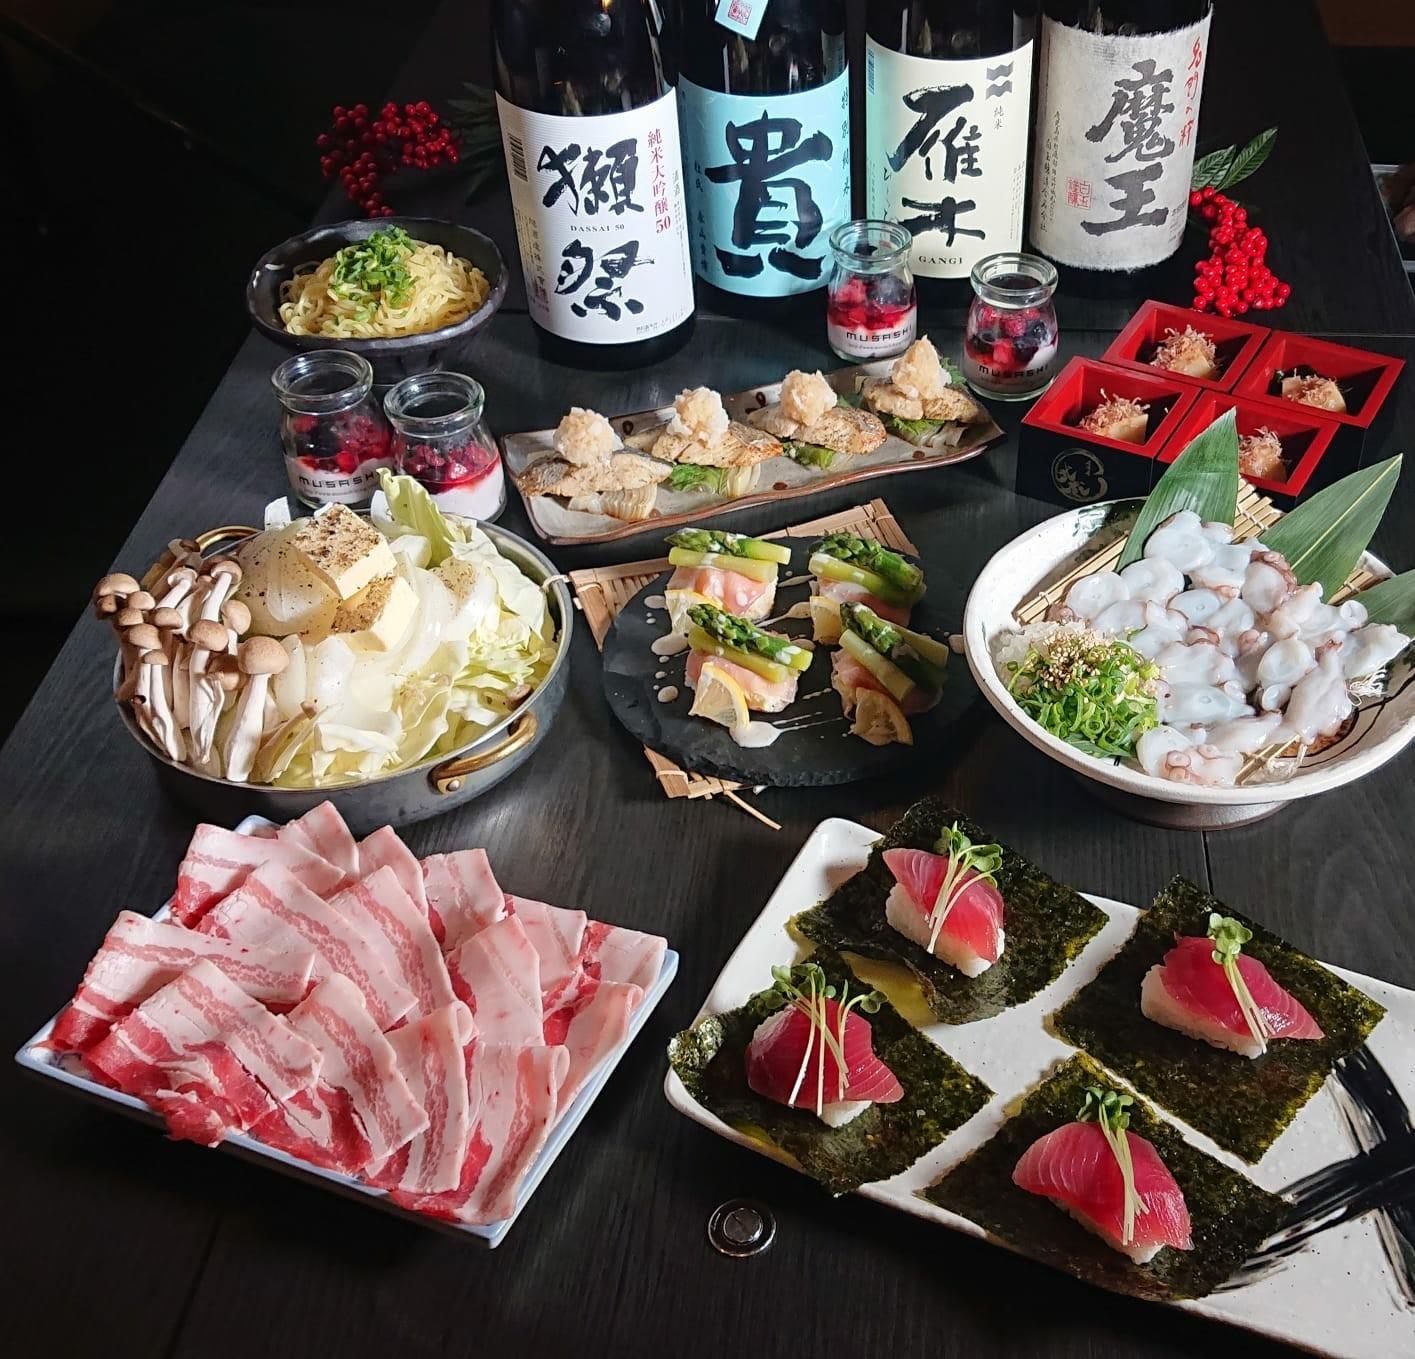 【2/25~】「名物!瀬戸内地だこの鉄板焼き」と「生カツオの包み寿司と「鹿野豚とキャベツの塩バター鍋」が付いたコース